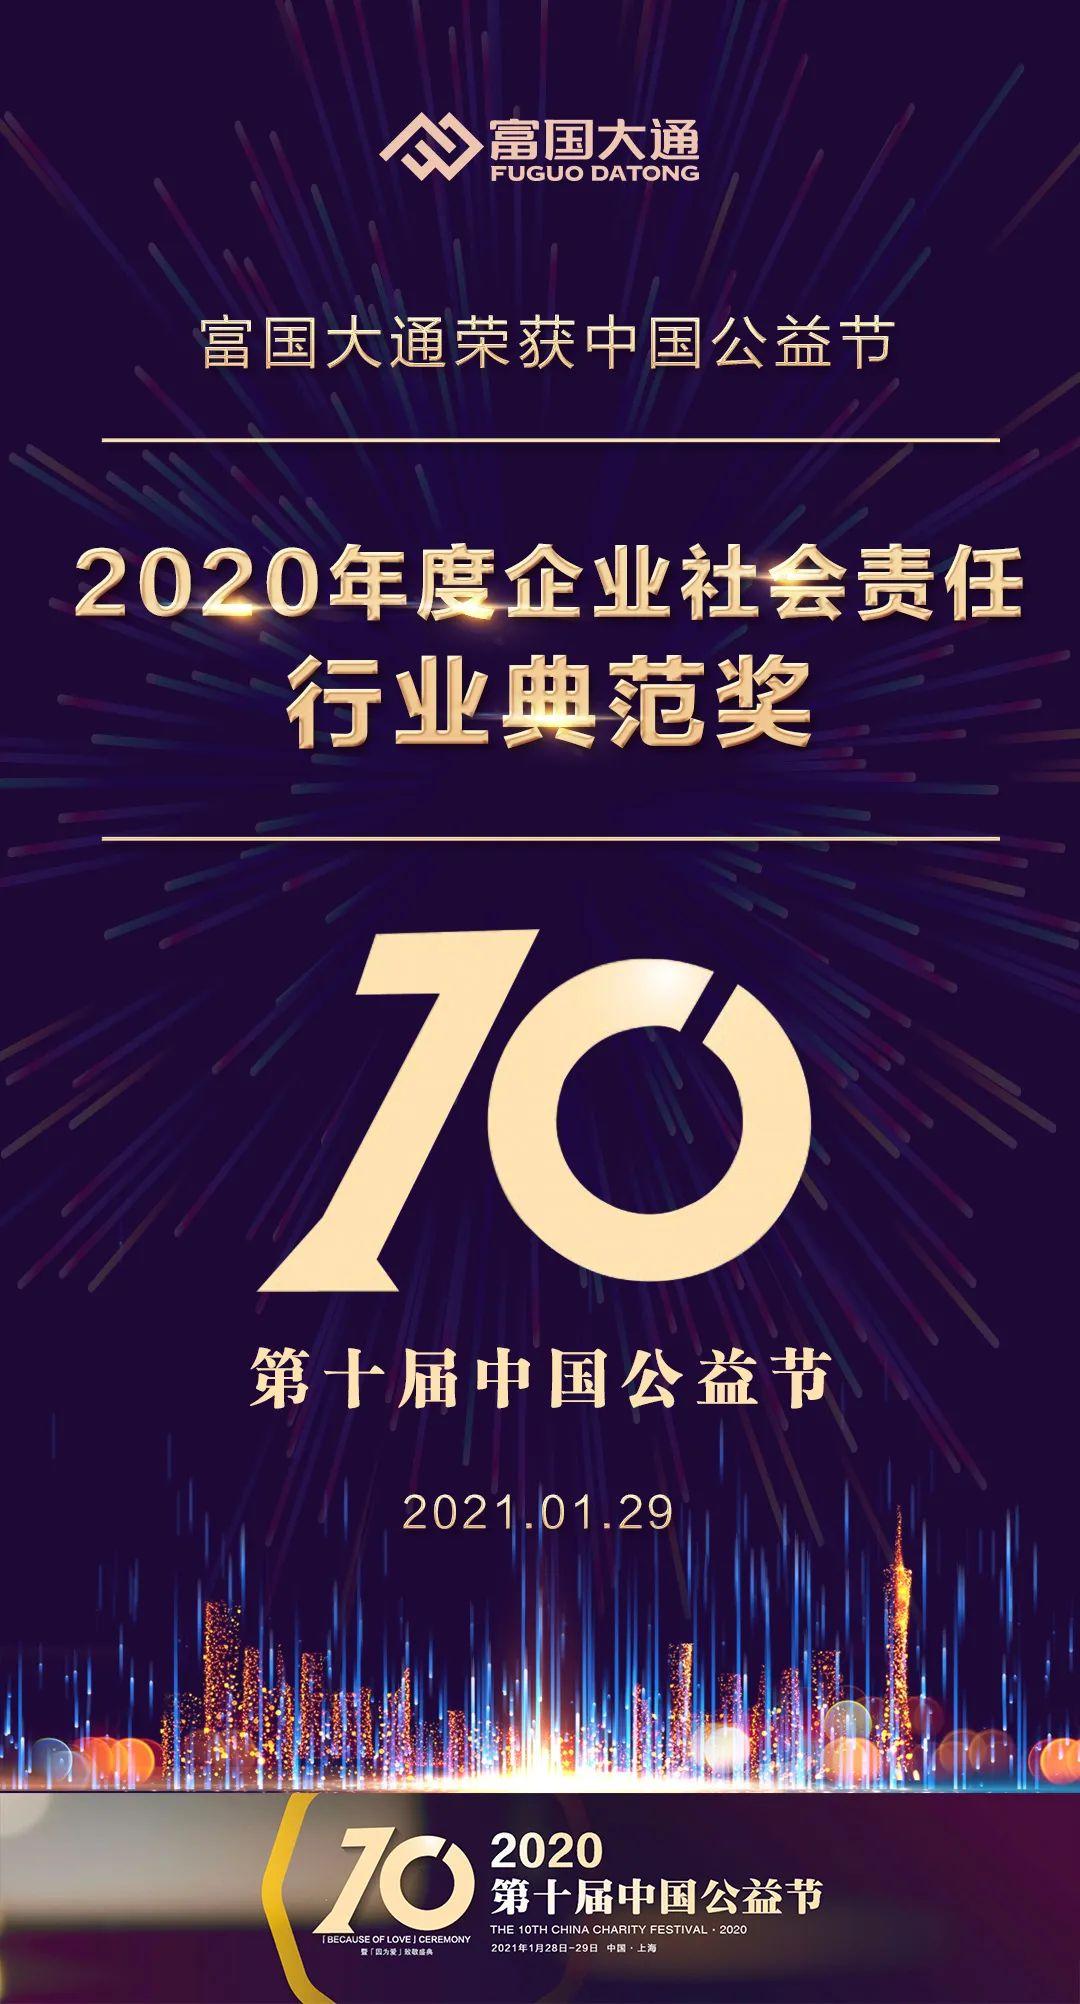 """一起做公益楷模!富国大通喜获第十届中国公益节""""2020企业社会责任行业典范奖""""!"""